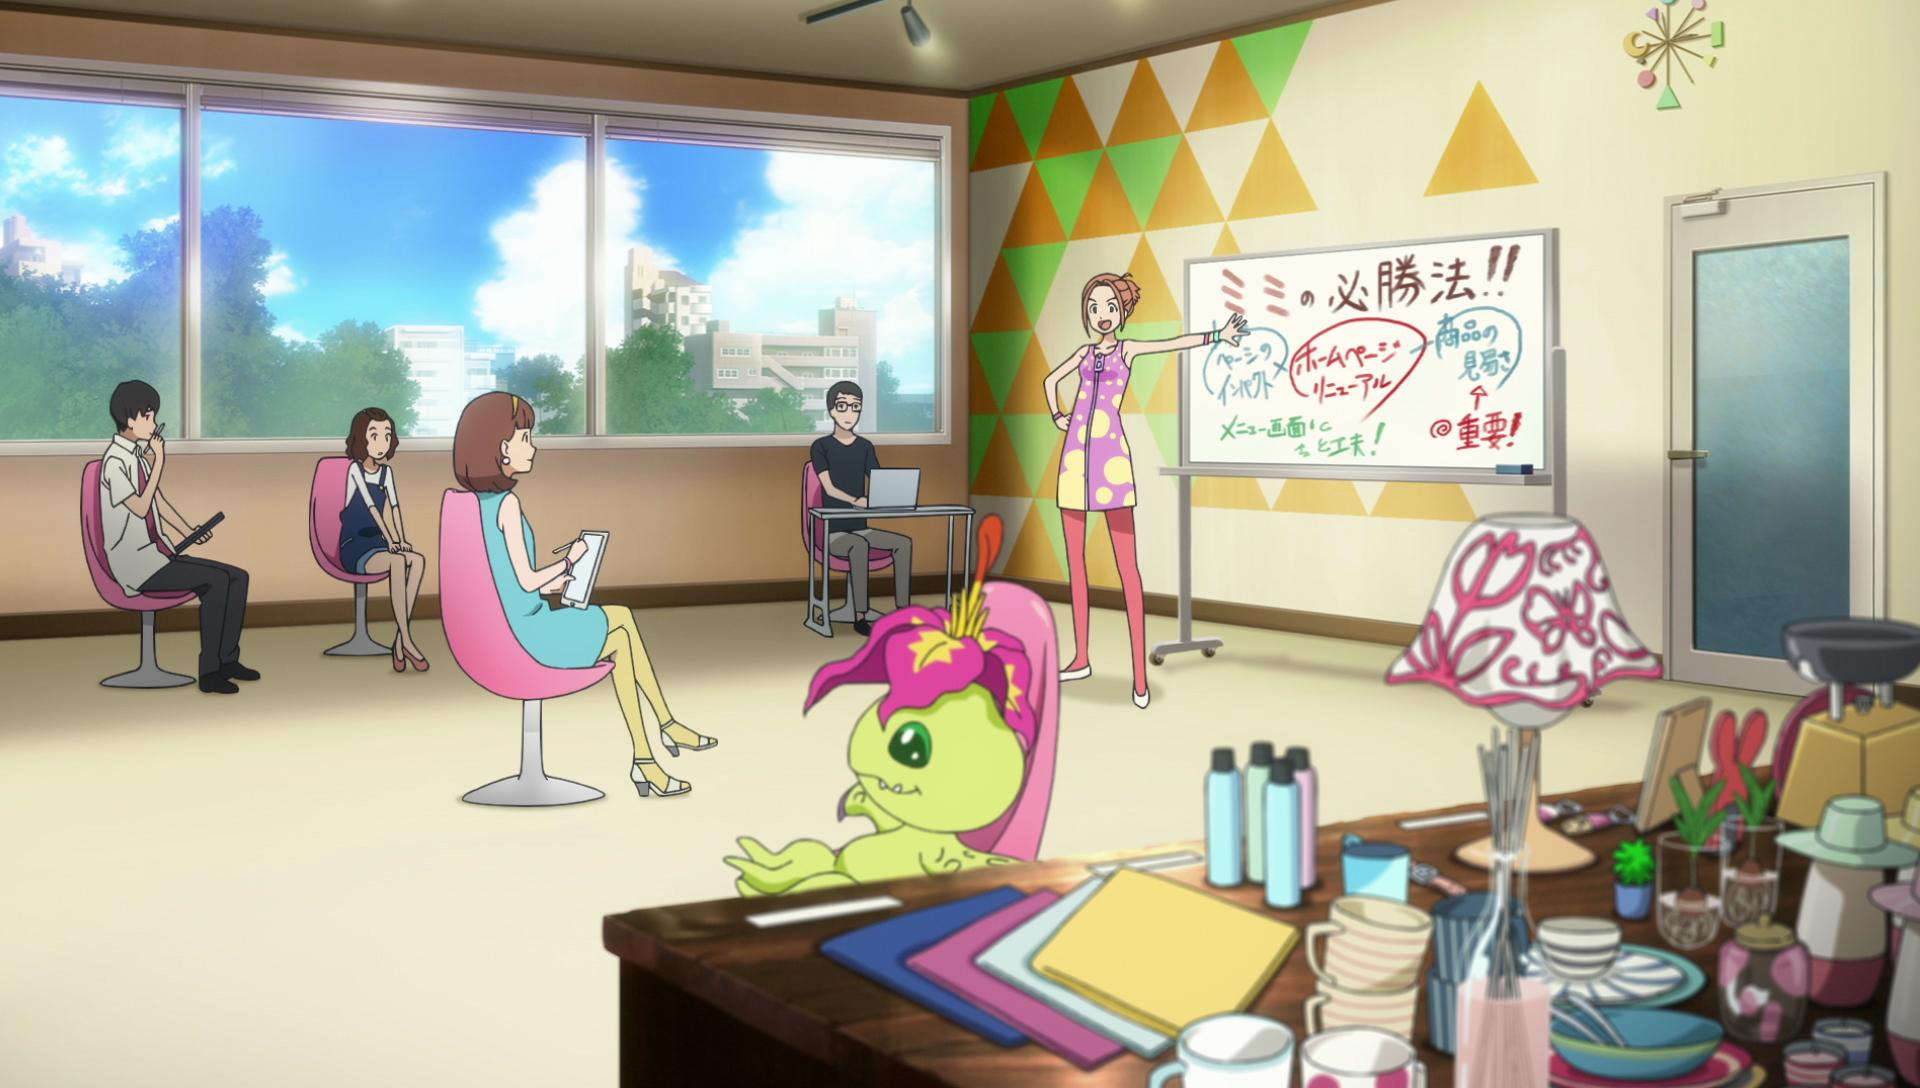 ミミはネット販売ビジネスで世界中を飛び回っている。 (c) 本郷あきよし・東映アニメーション